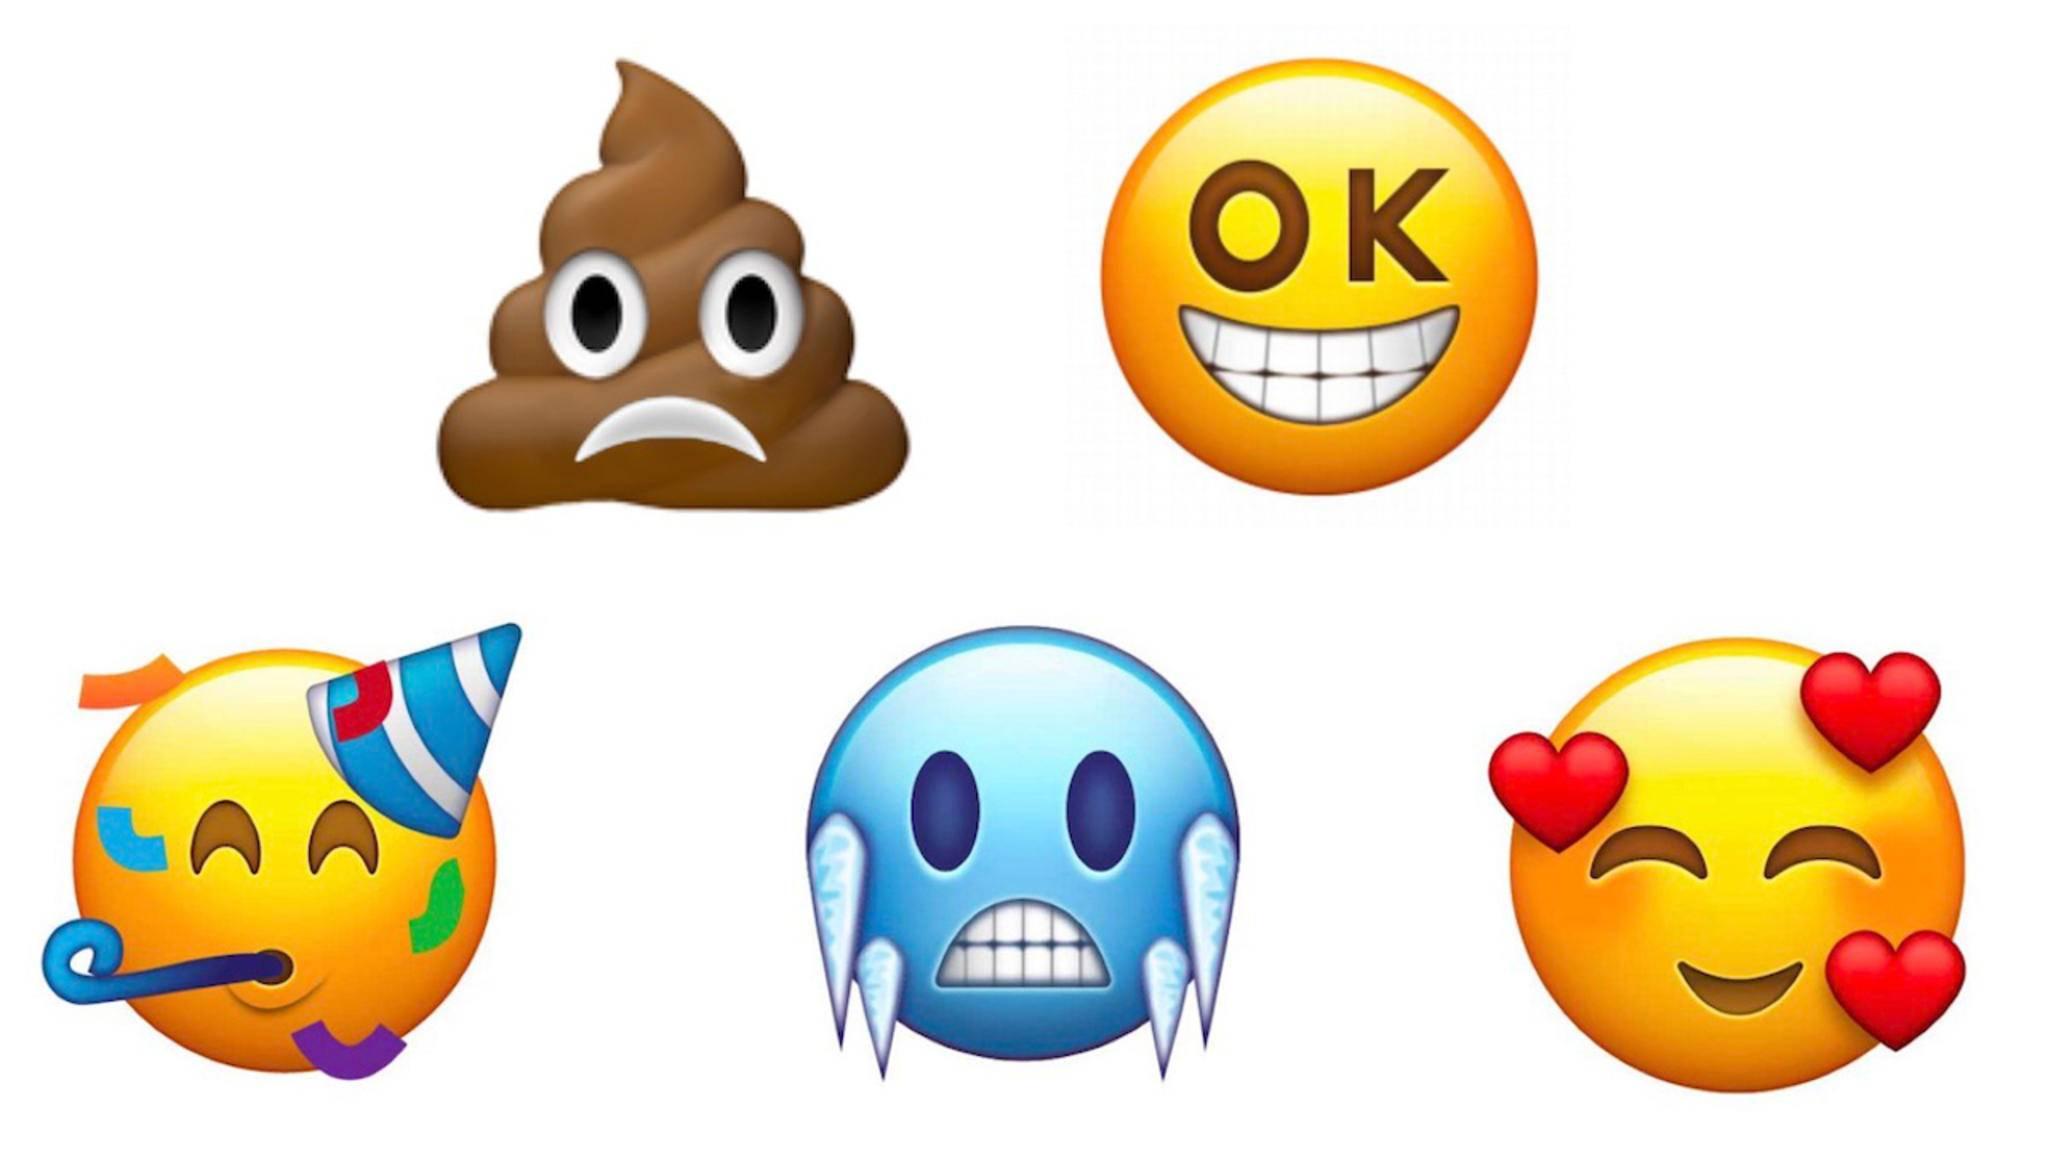 Diese Emojis könnten 2018 auf dem Smartphone herumschwirren.